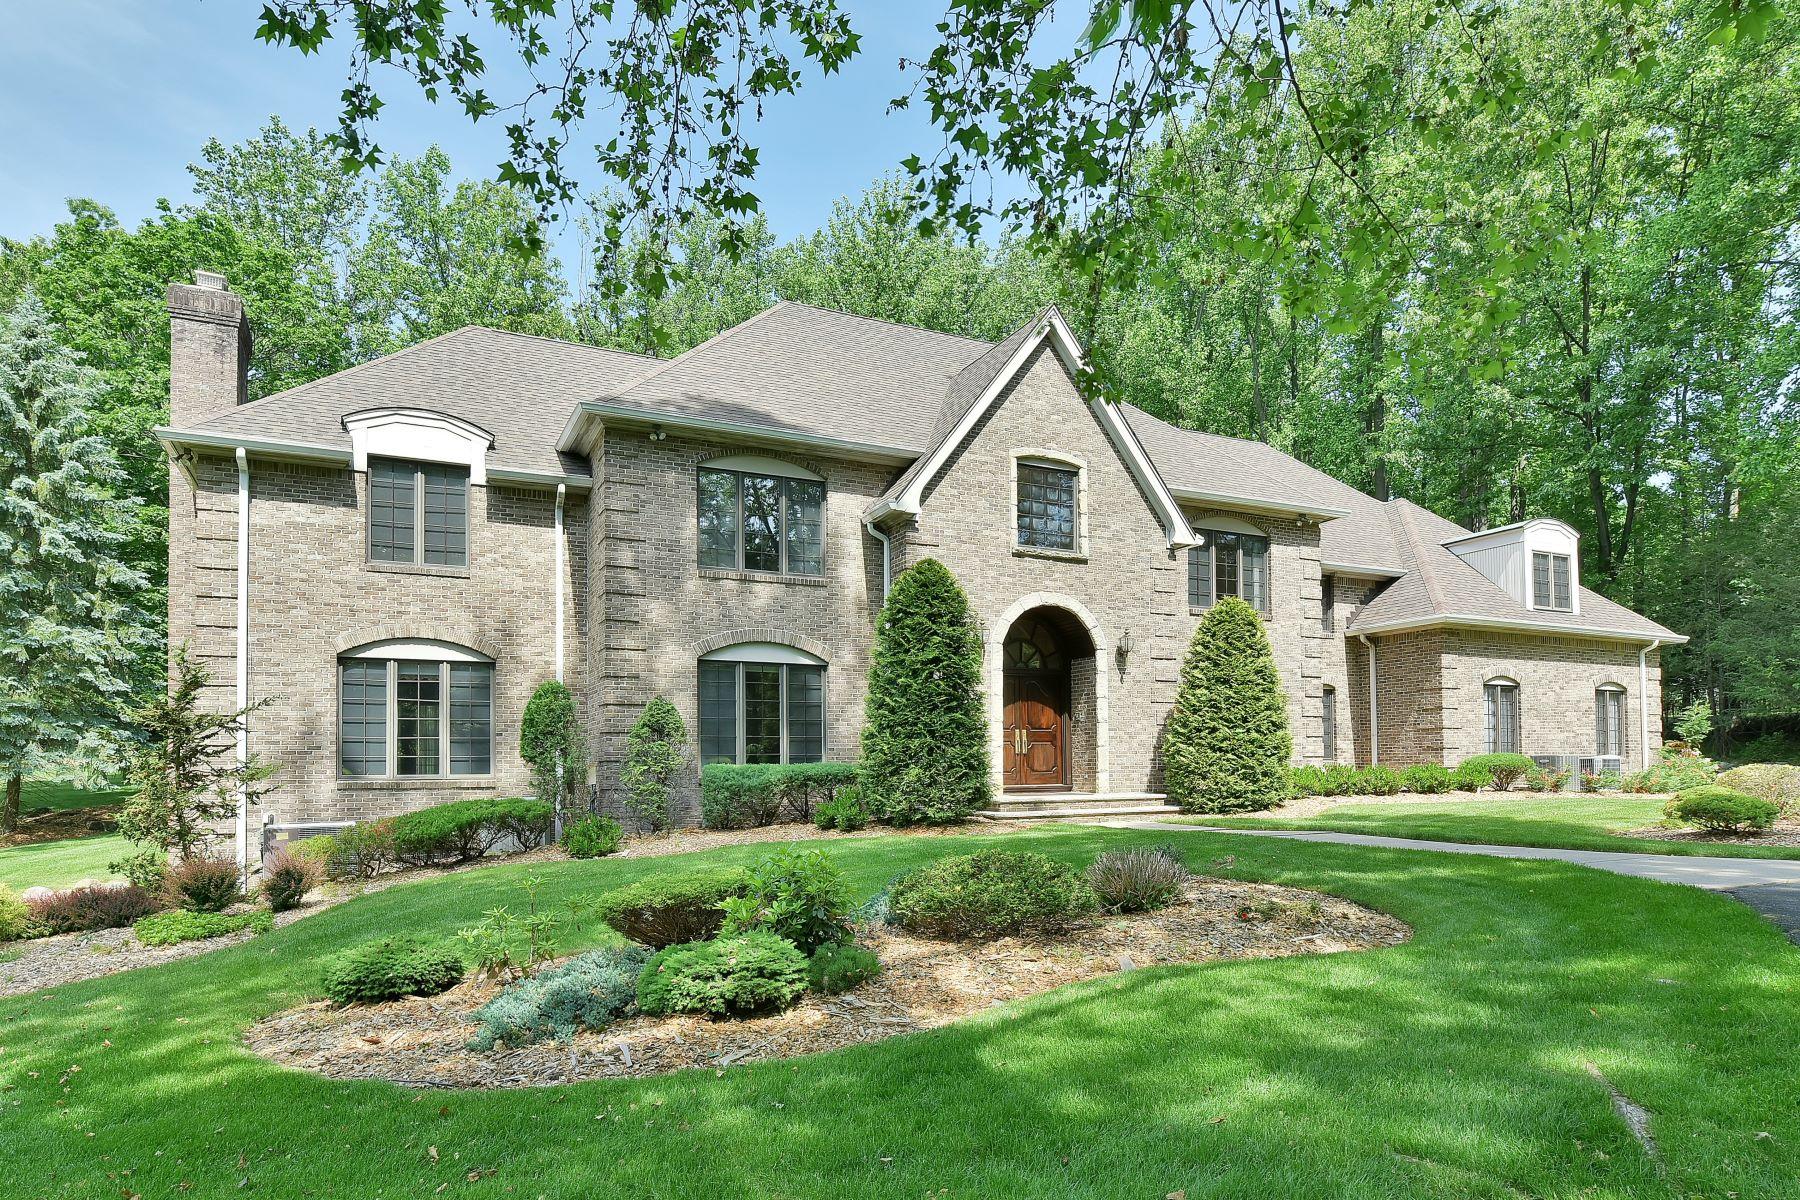 Villa per Vendita alle ore Stately French Provincial 21 Chestnut Ridge Road Saddle River, New Jersey, 07458 Stati Uniti